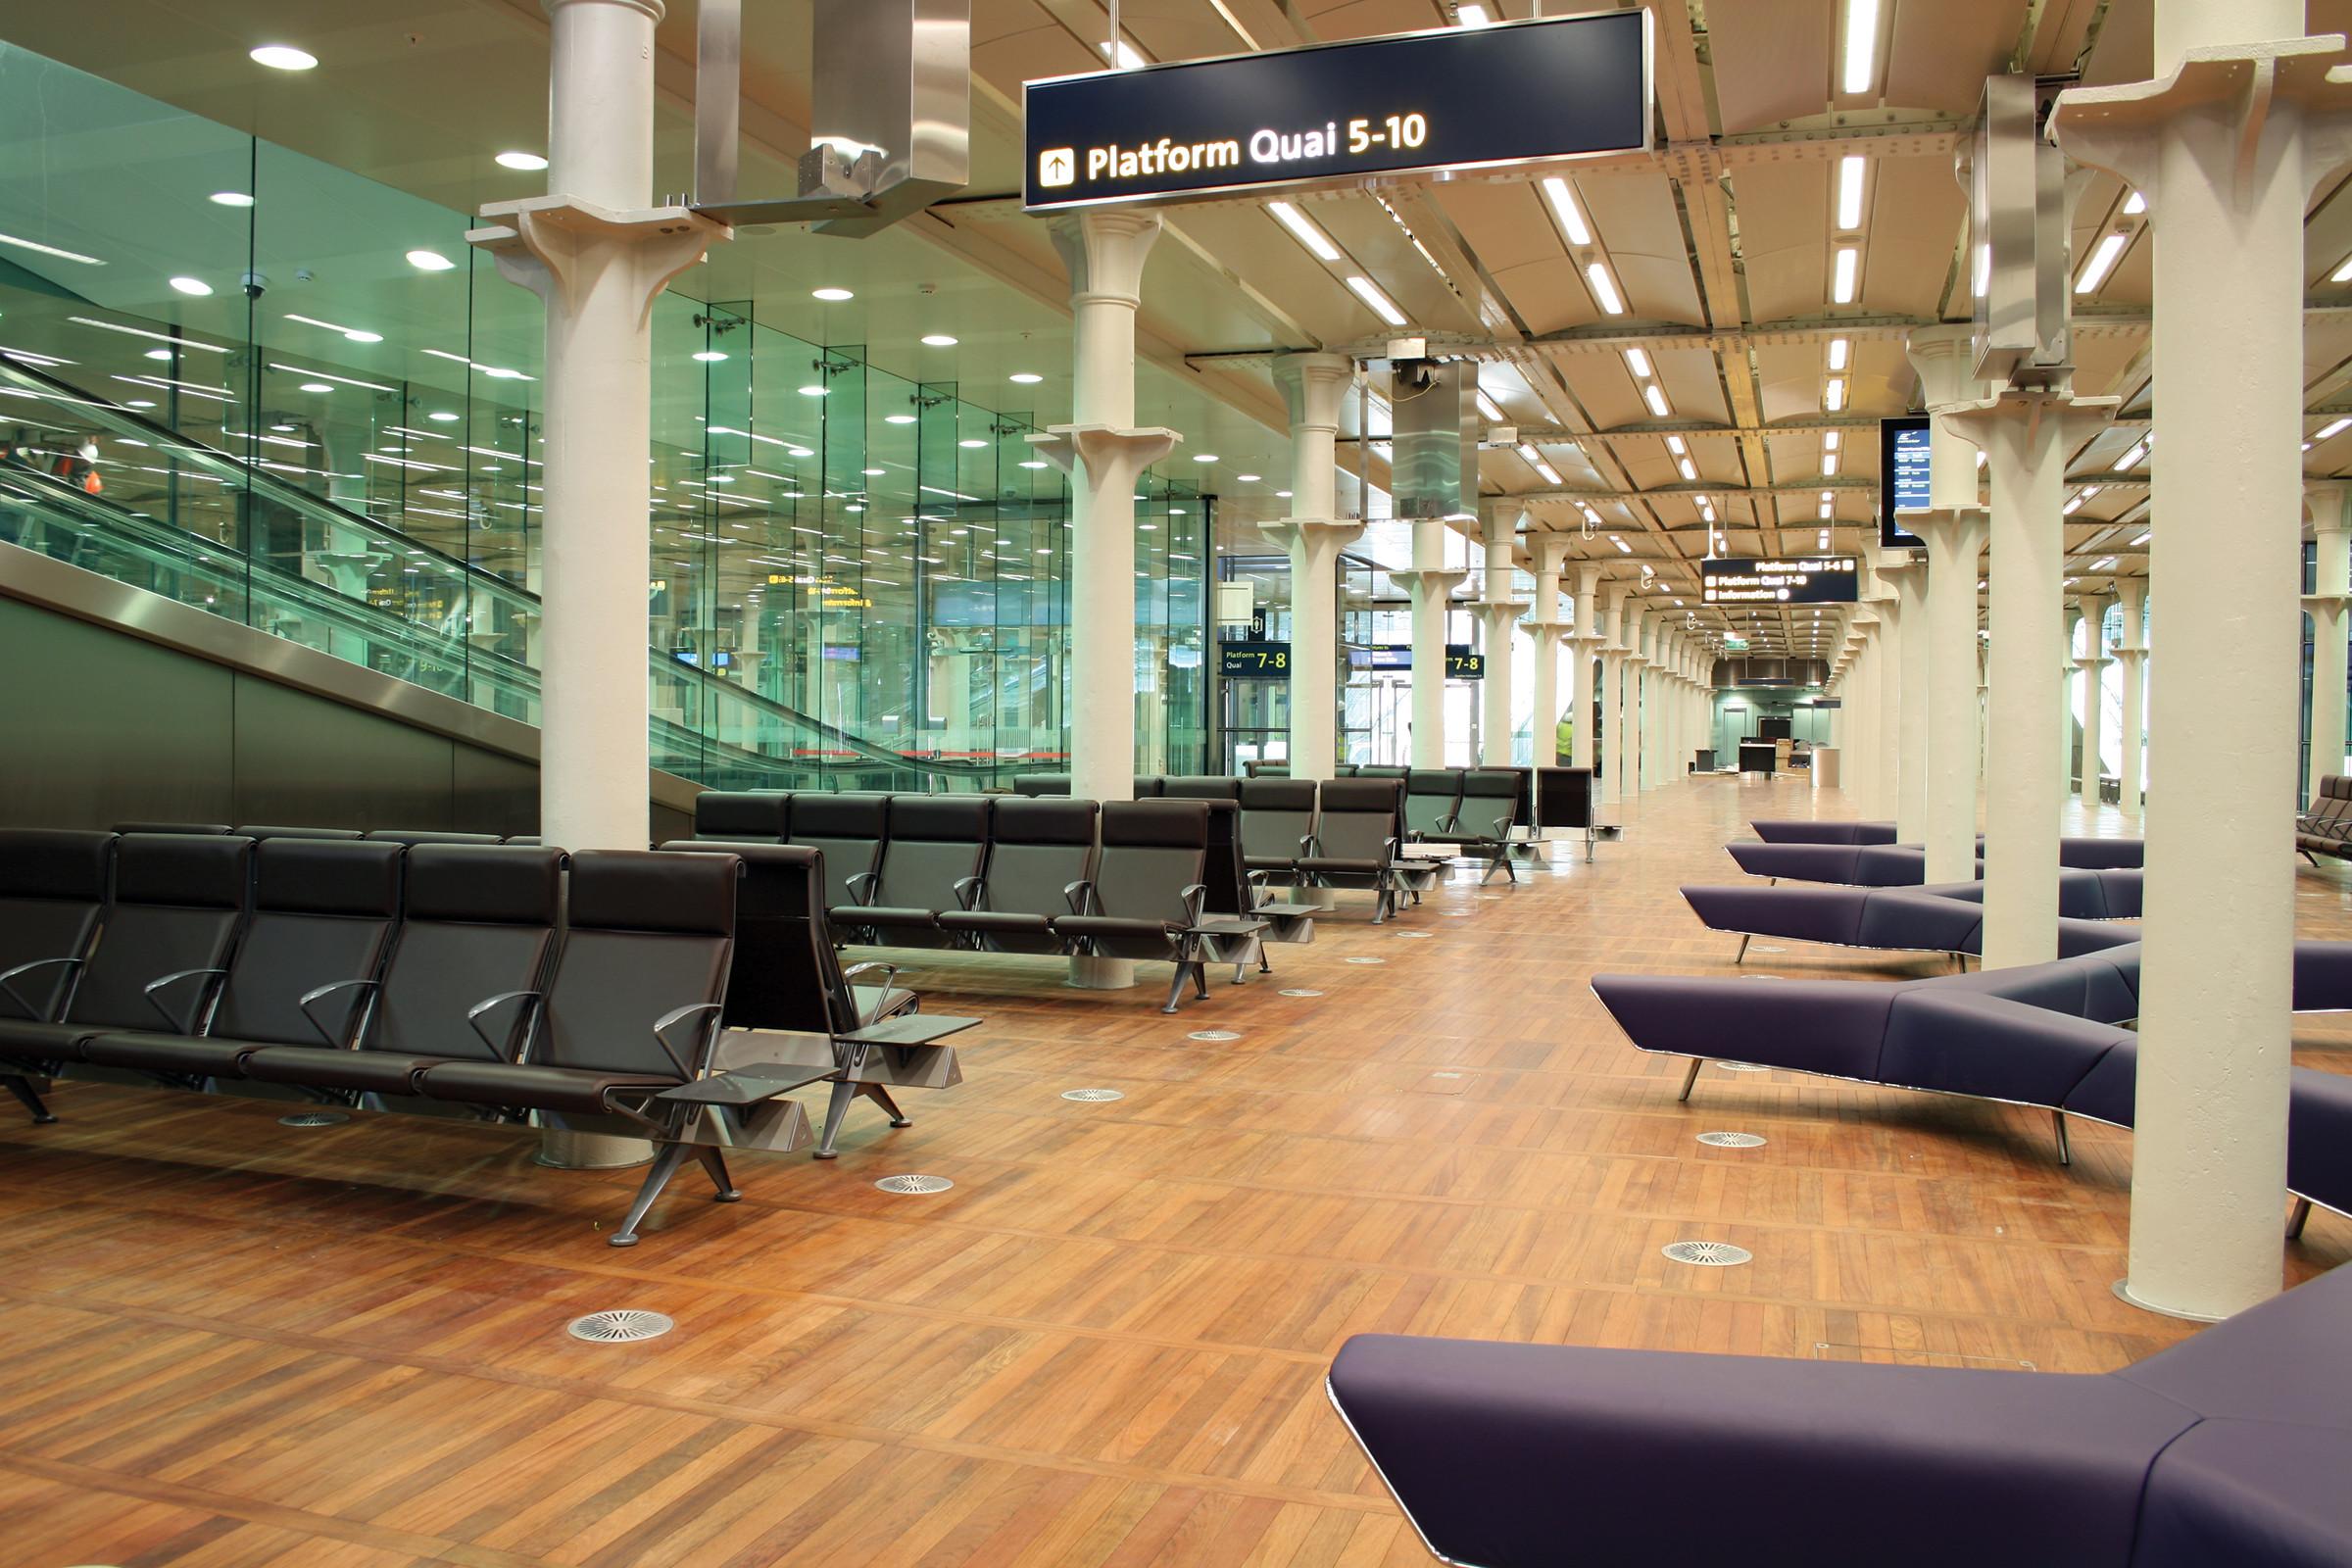 public seating omk eurostar train rail terminal trax